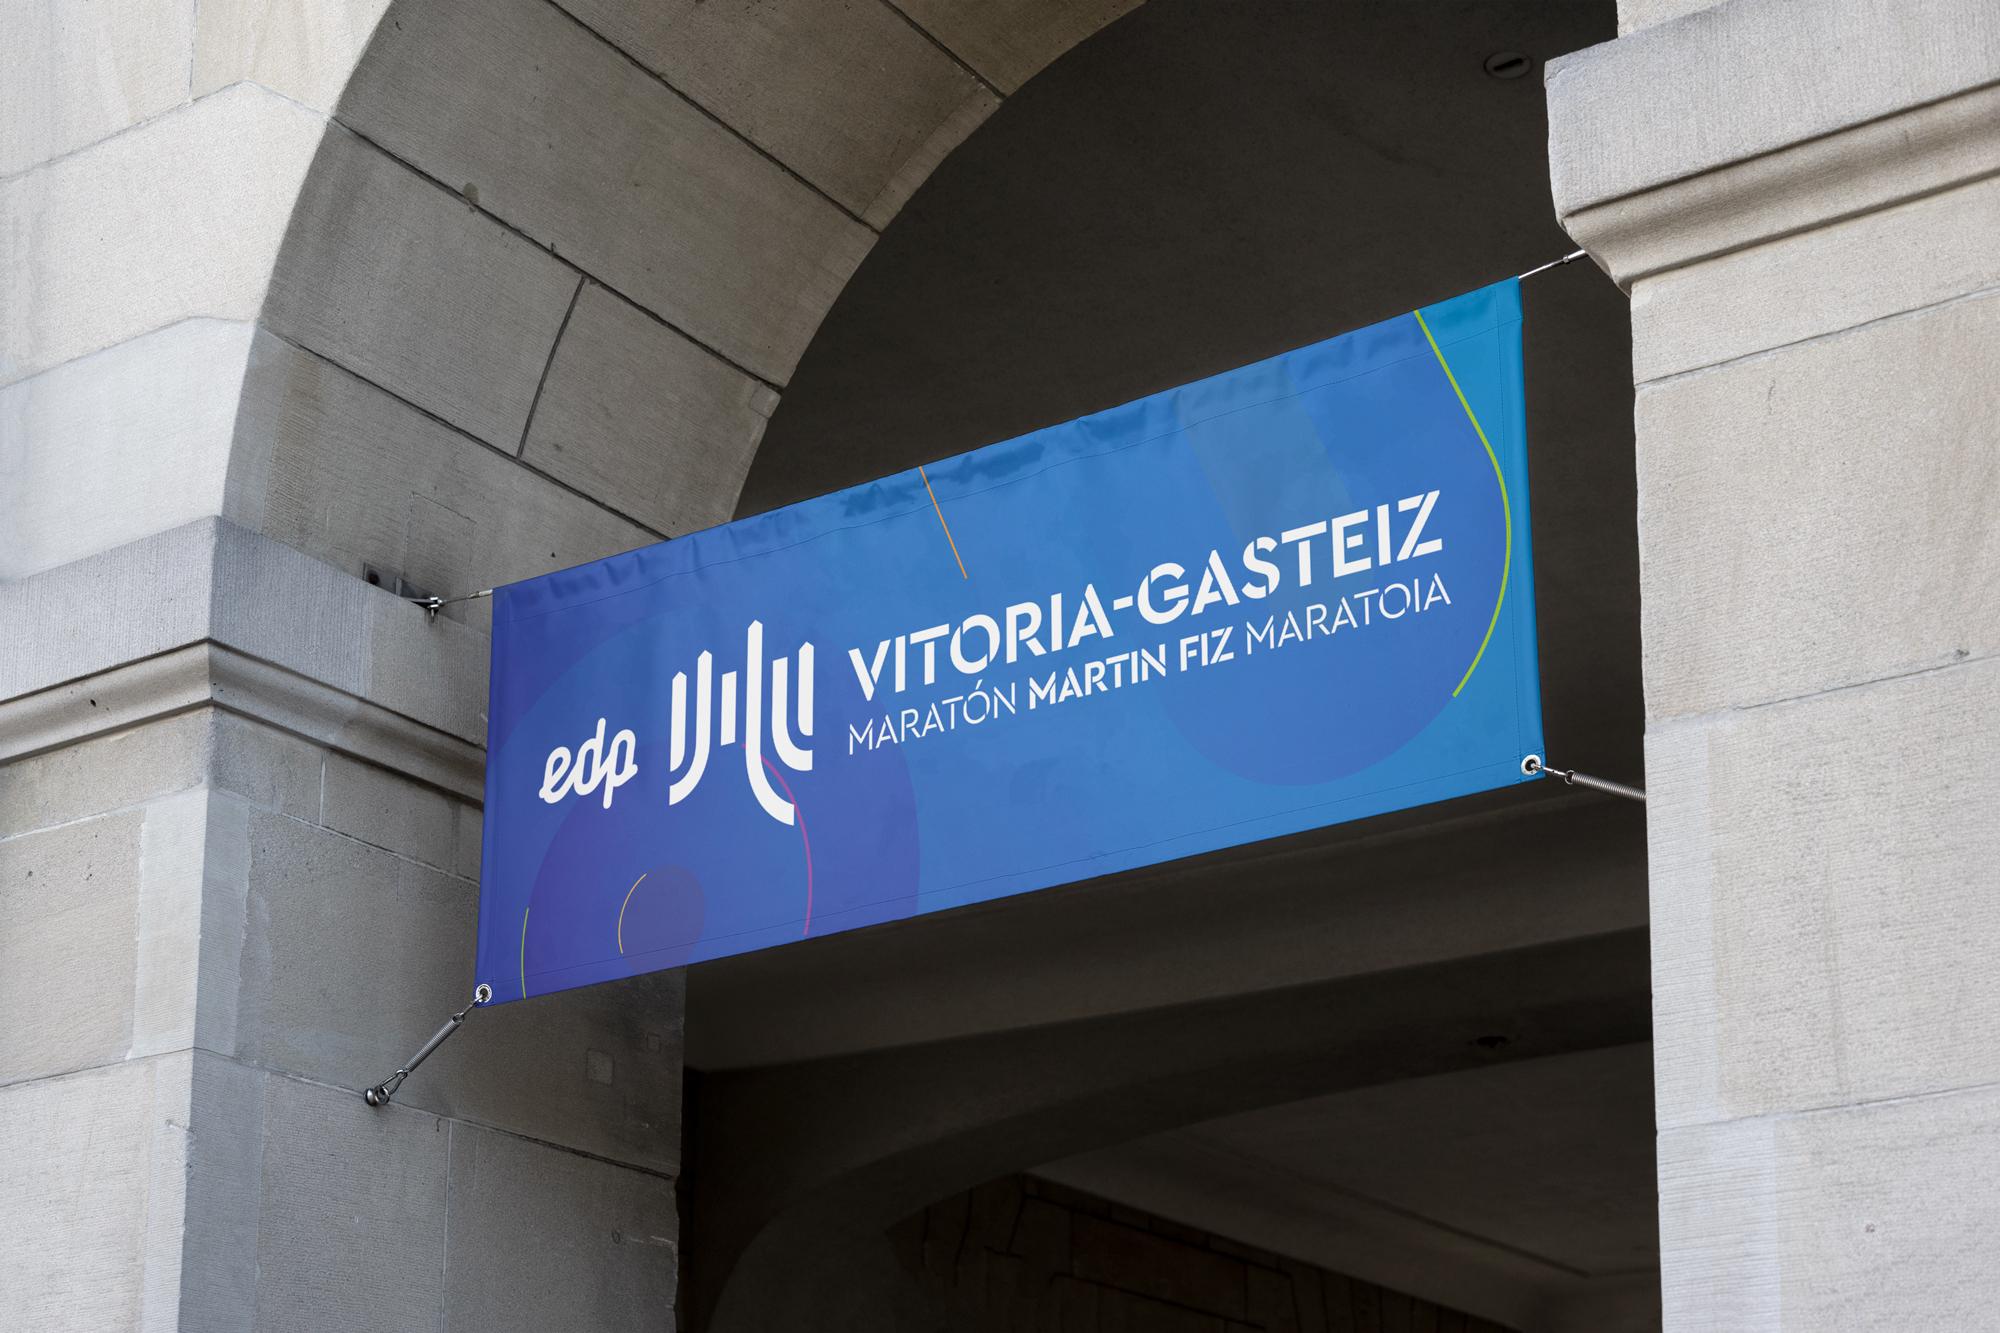 Diseño de lona para EDP Vitoria-Gasteiz Maratón Martin Fiz Maratoia